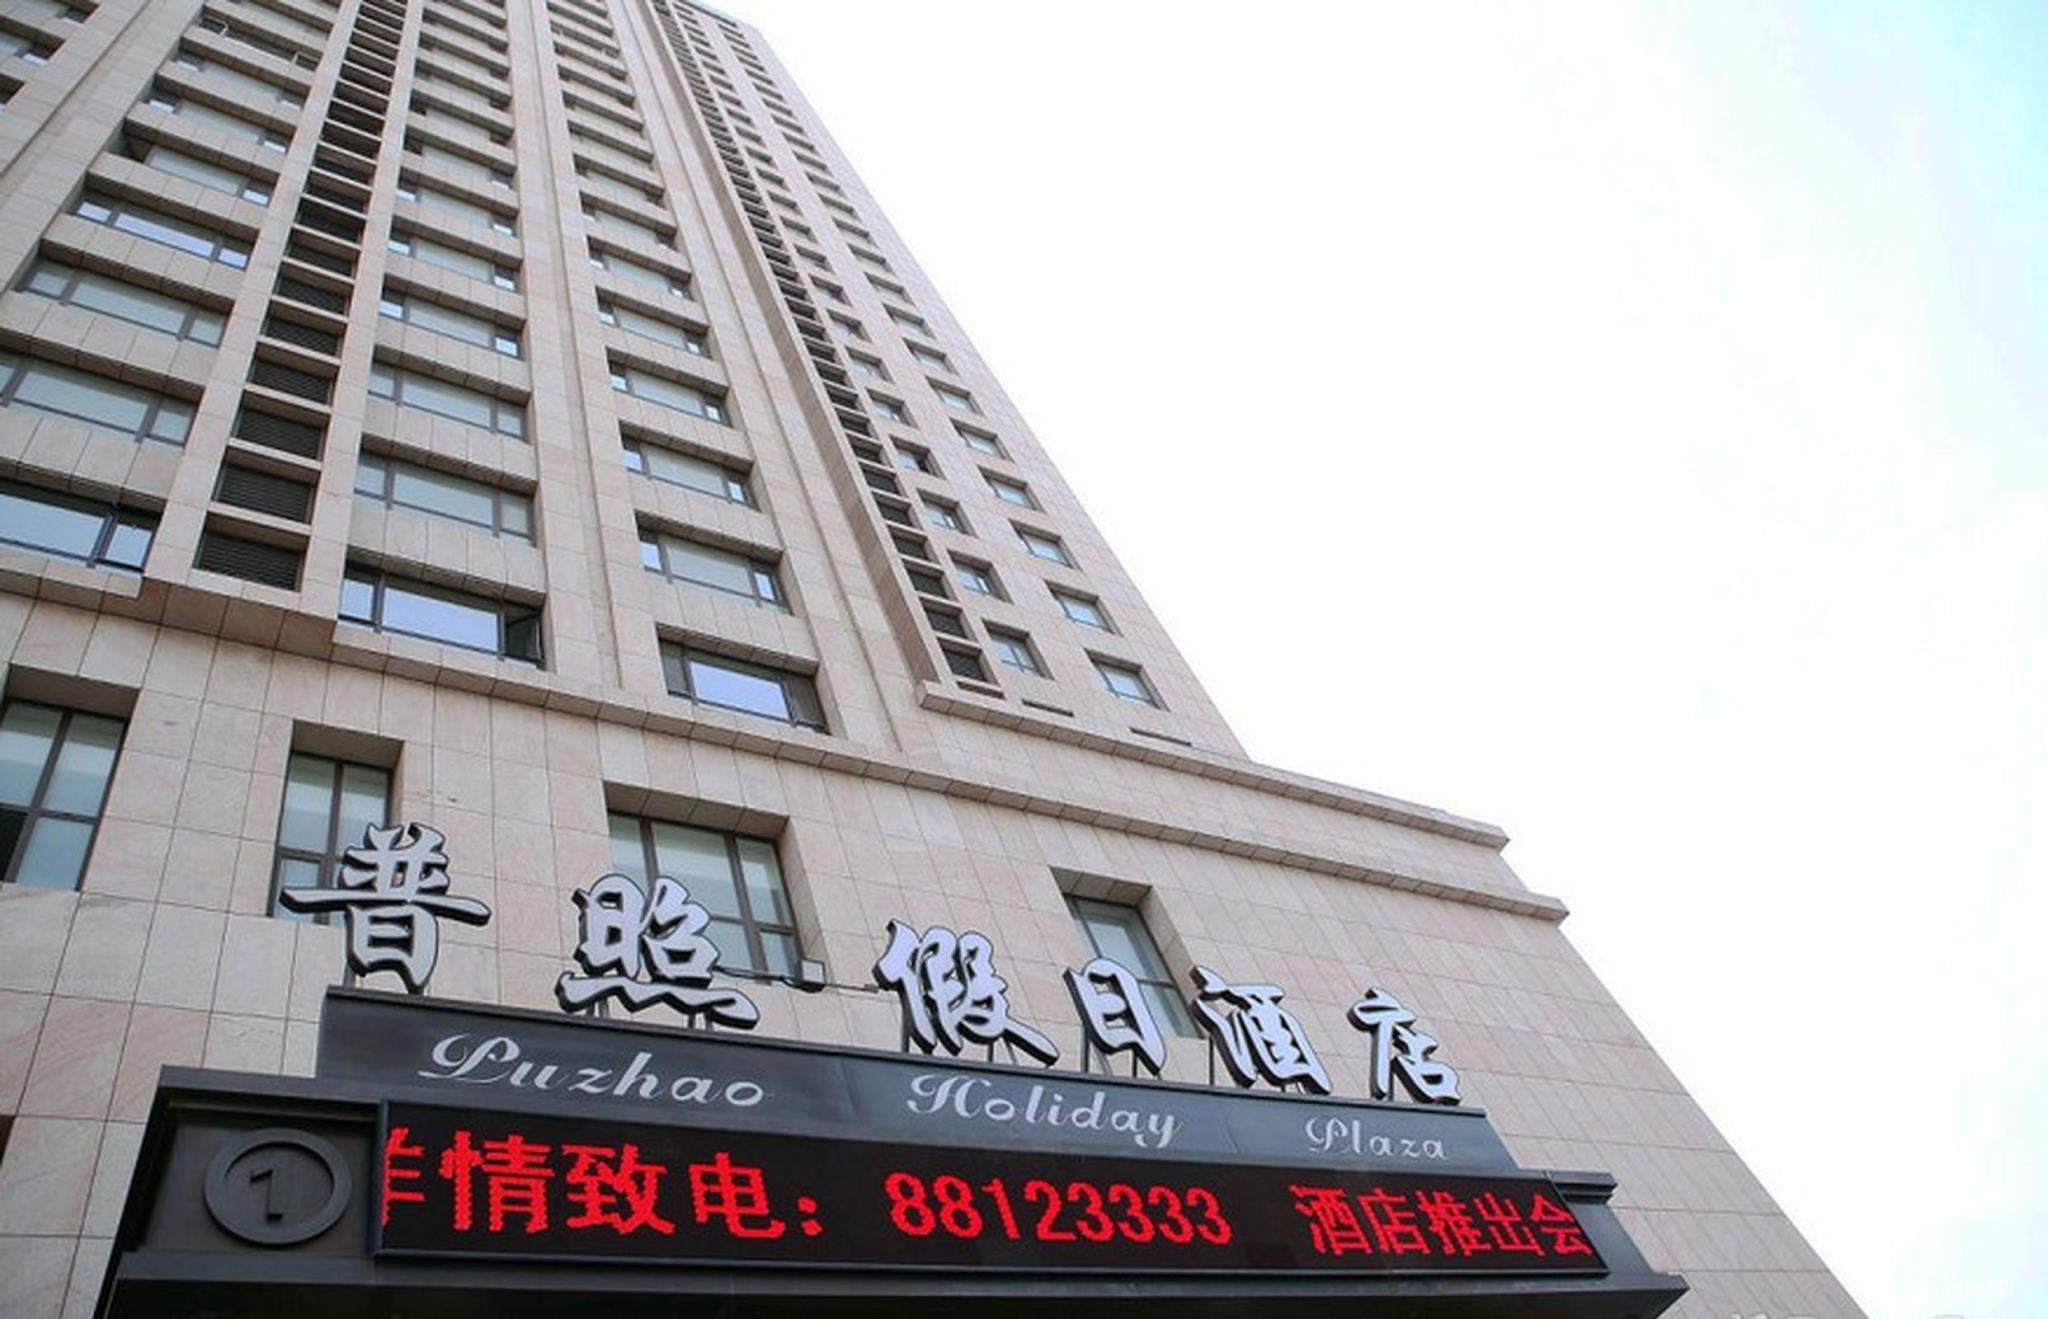 Dalian Puzhao Holiday Hotel